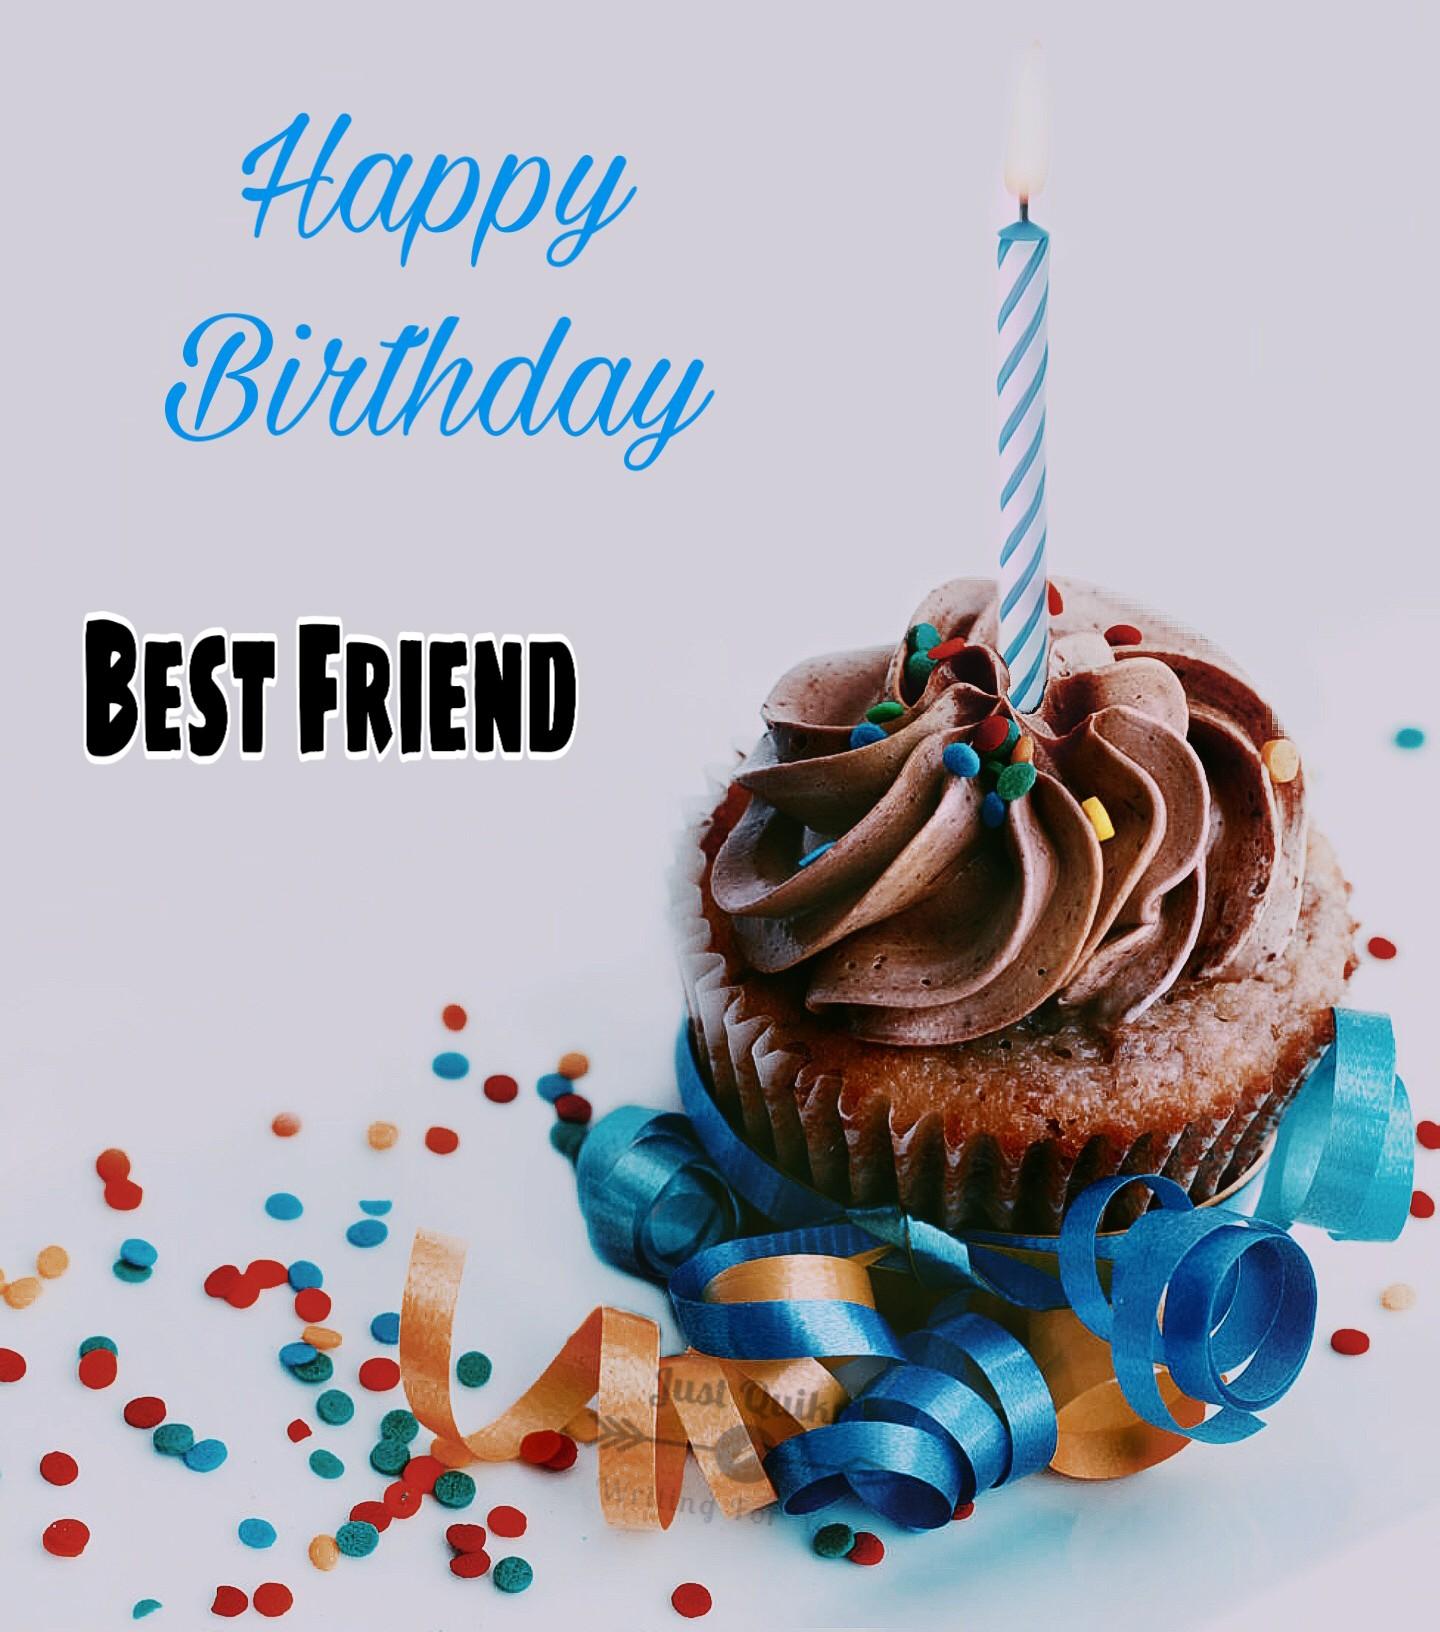 Top 10 Special Unique Happy Birthday Cake Hd Pics Images For Best Friend J U S T Q U I K R C O M